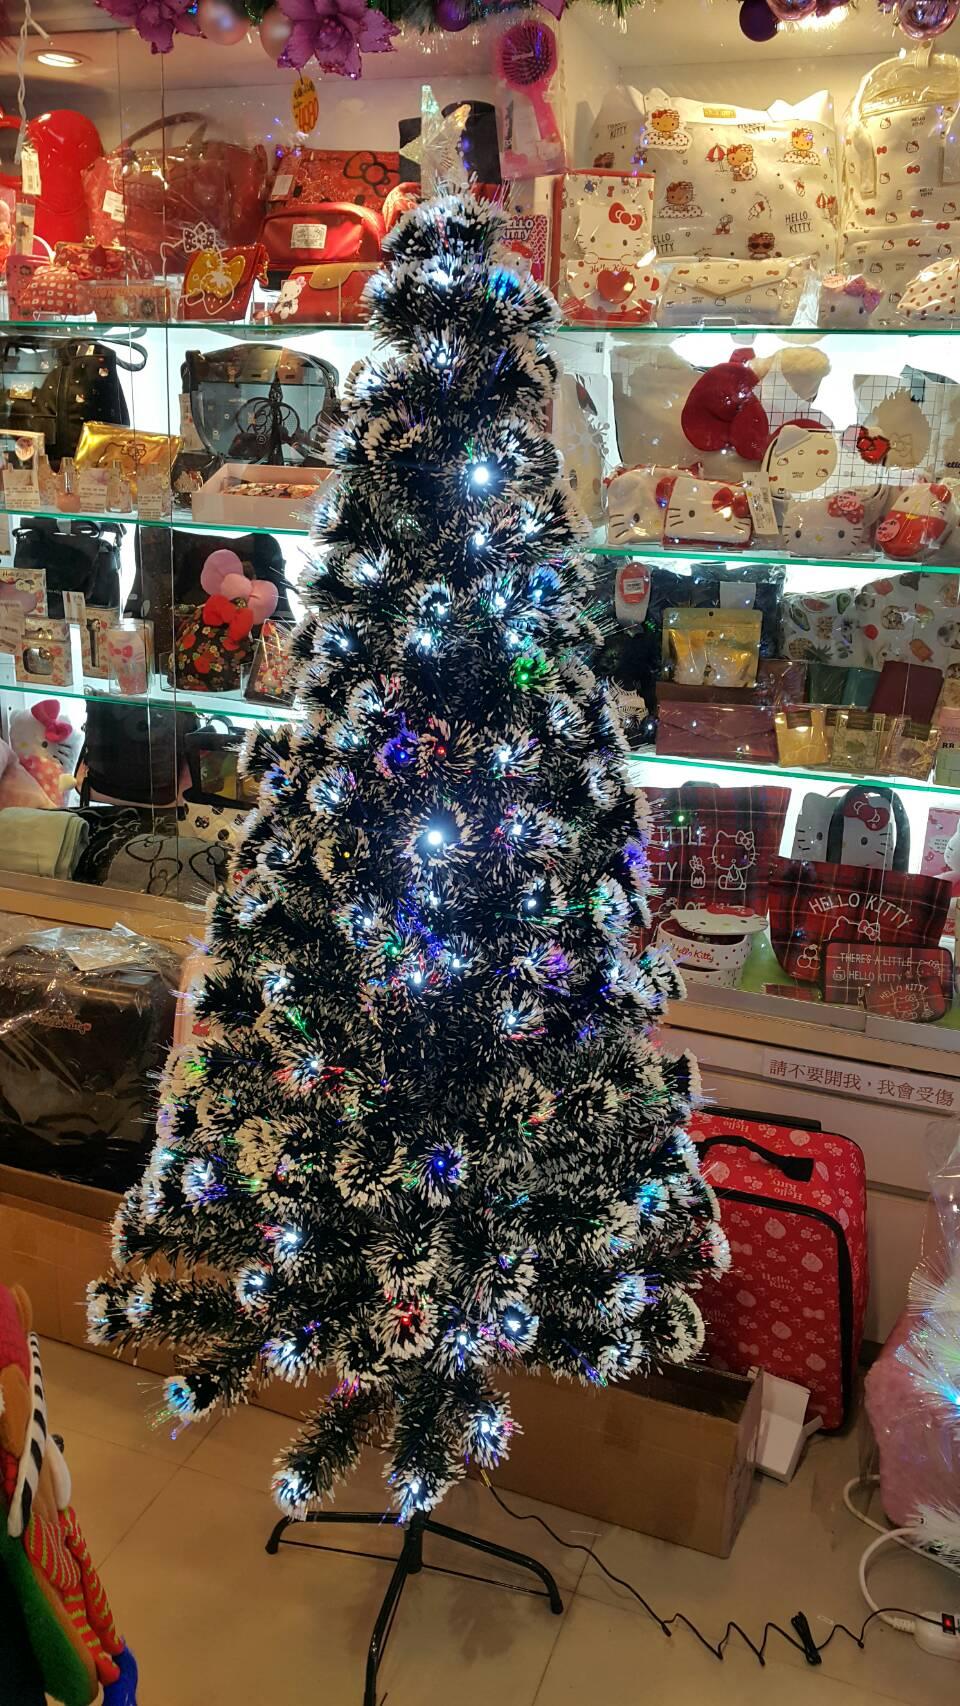 X射線【X020011】星星七彩光纖聖誕樹-6尺(不含飾品),松針樹/台灣製/聖誕樹/聖誕佈置/聖誕空樹/聖誕造景